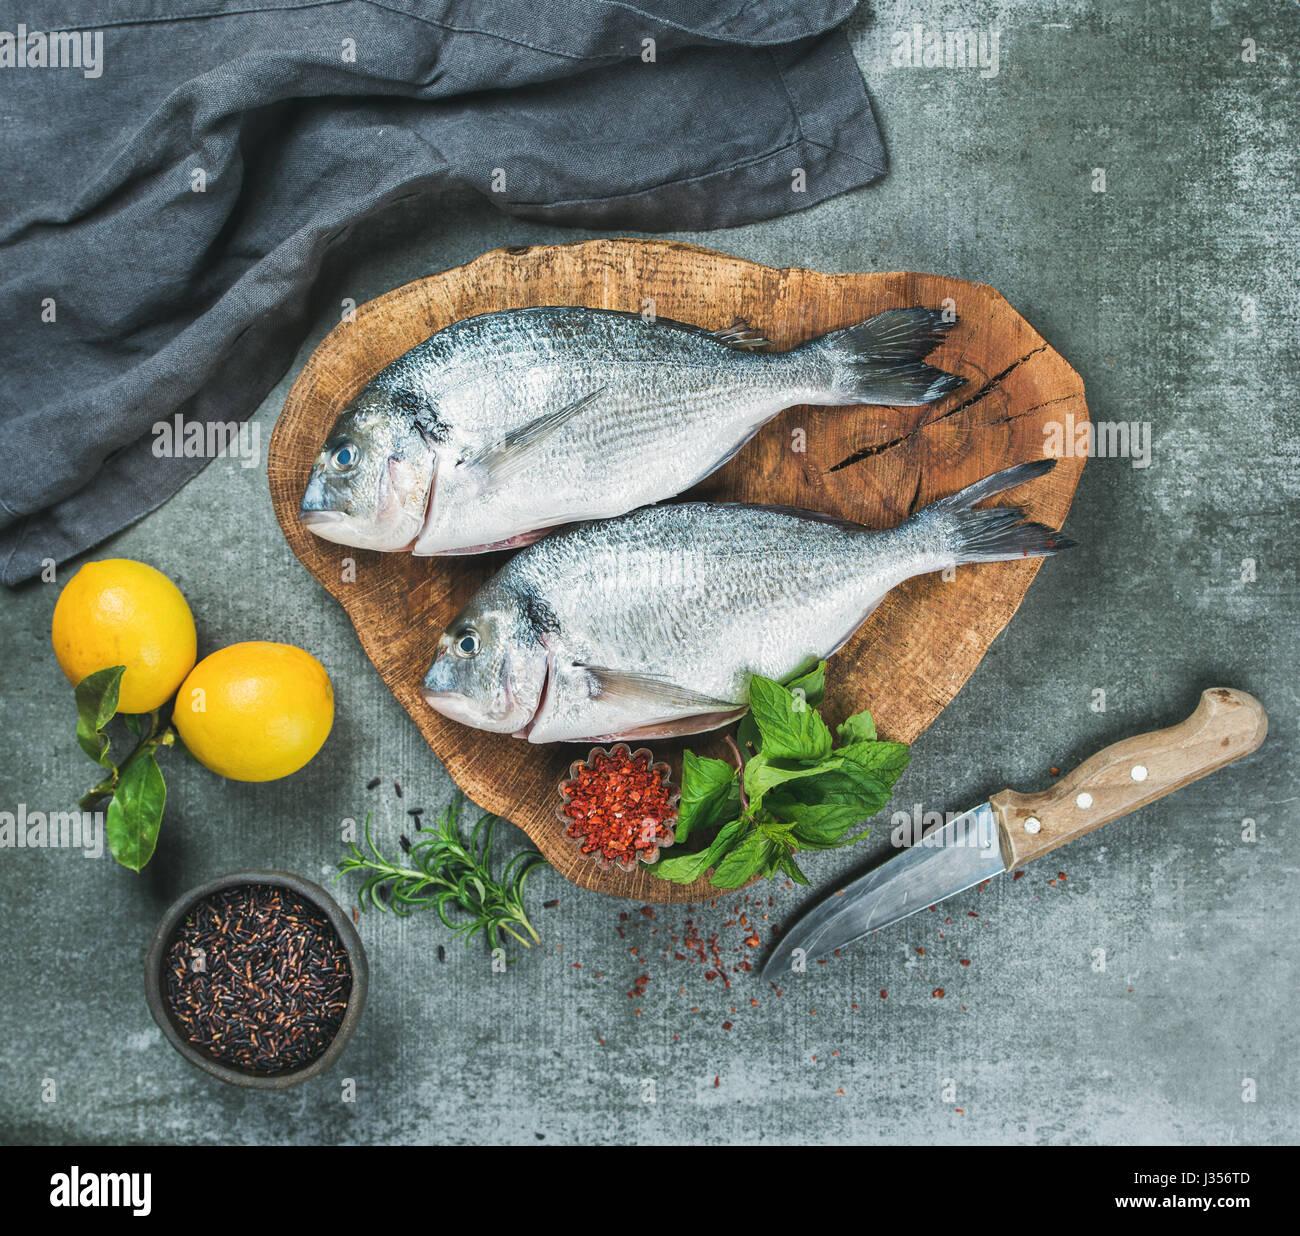 Ungekocht Dorade Fisch mit Zitrone, Kräuter, Gewürze, grauen Hintergrund Stockbild